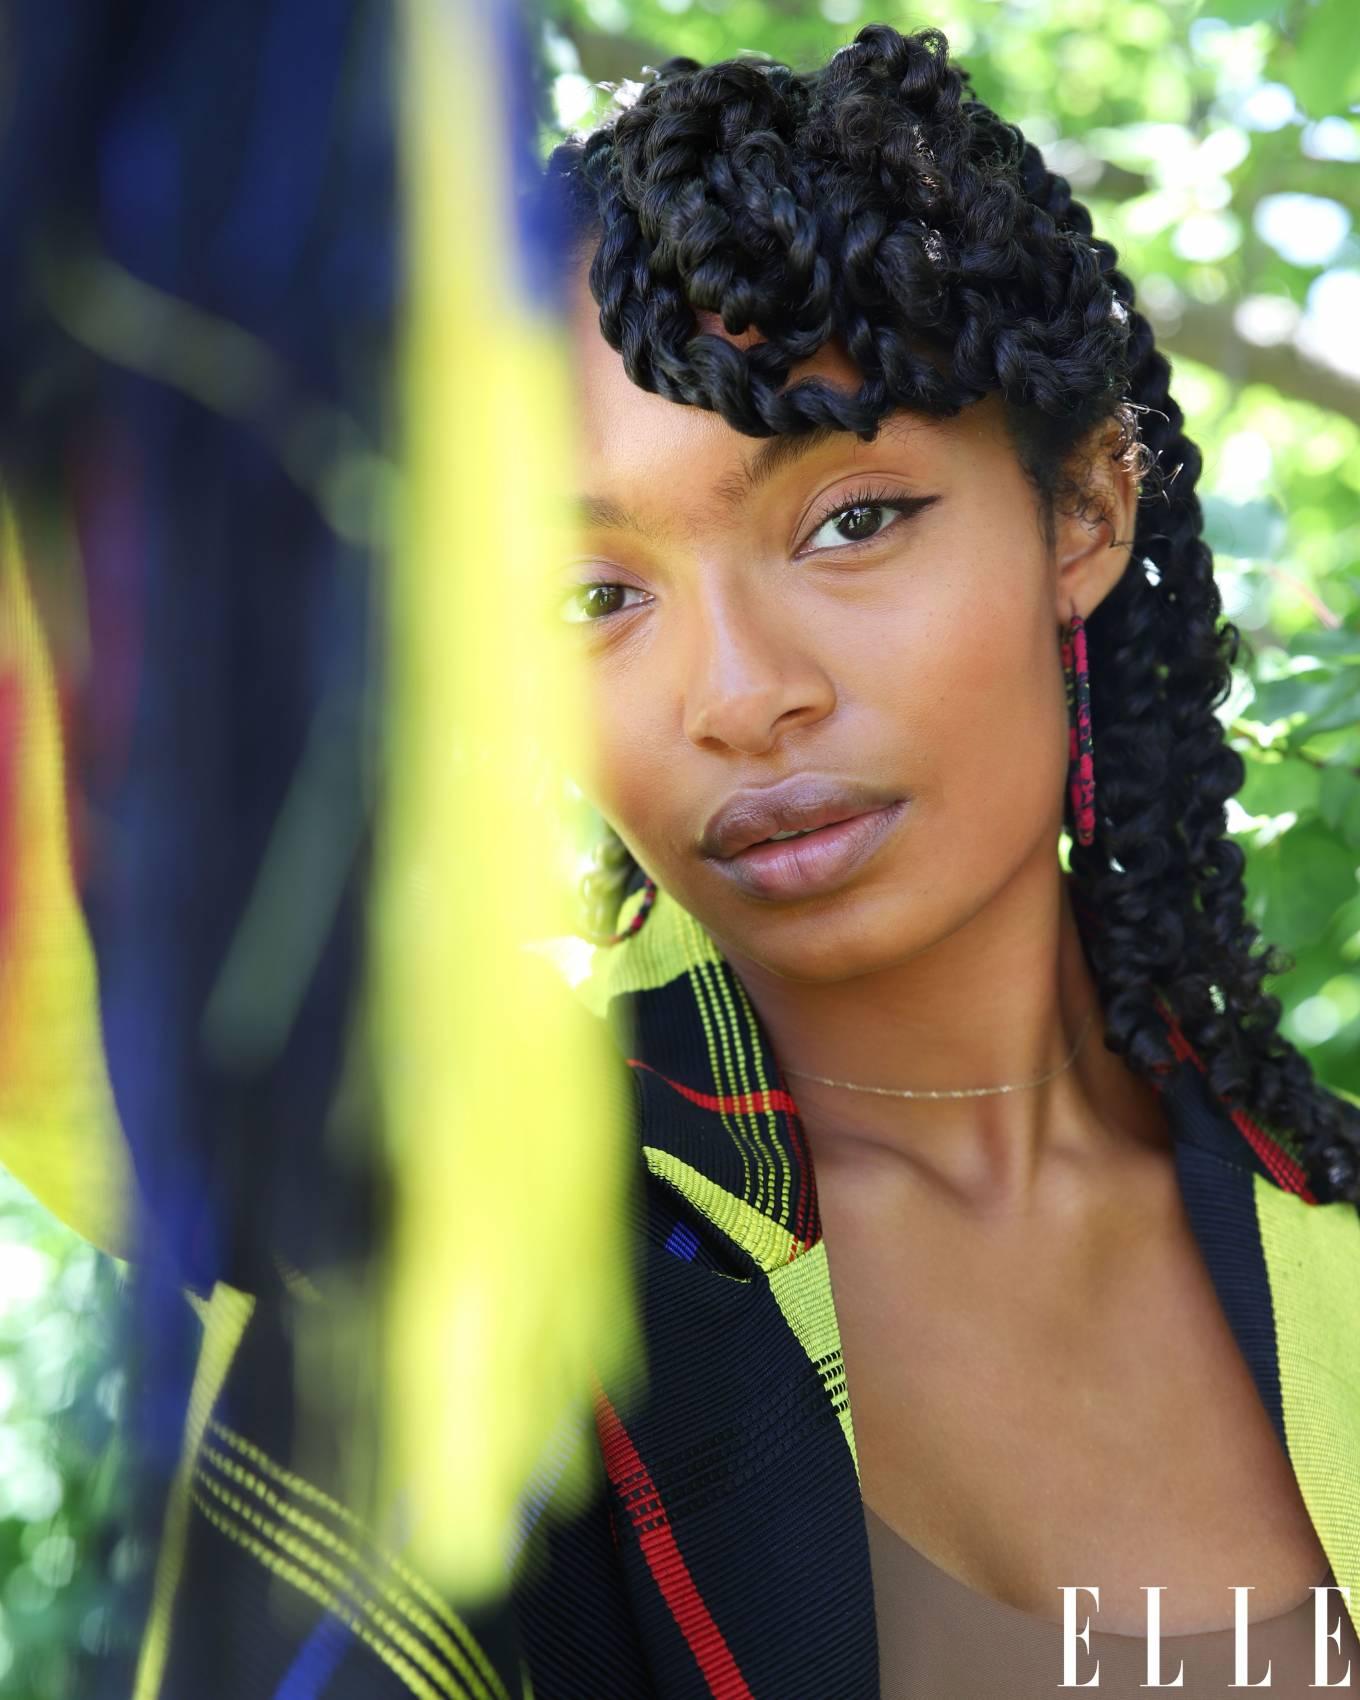 Yara Shahidi 2020 : Yara Shahidi – Afshin Shahidi Photoshoot for Elle Magazine 2020-04